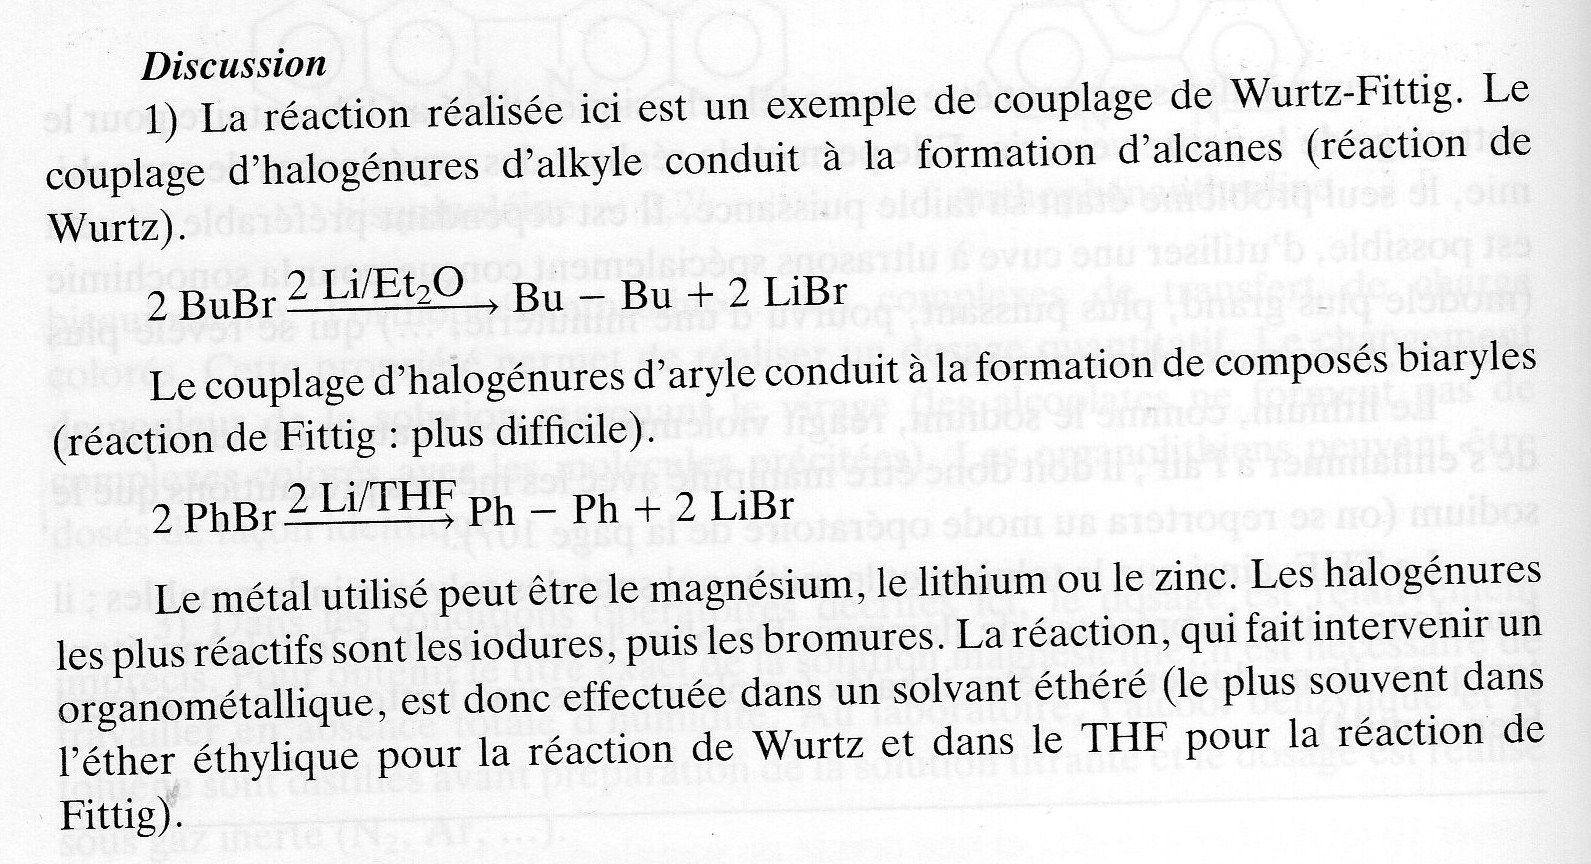 220 - synthèse du biphényle